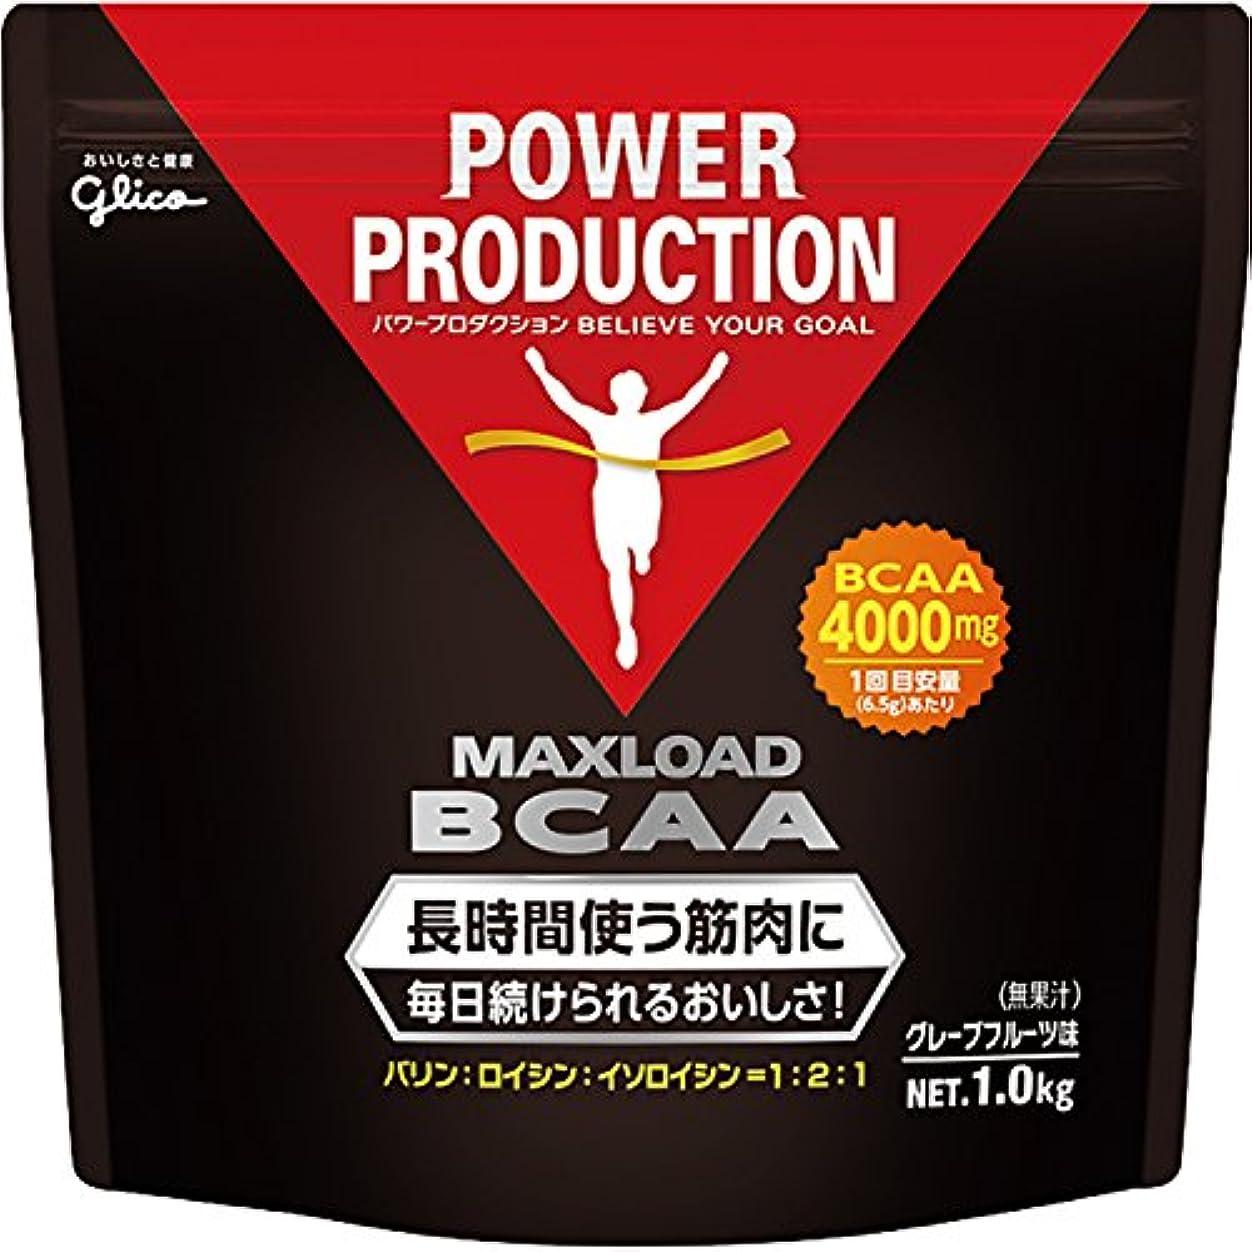 スクラップブック解放するロマンスグリコ パワープロダクション マックスロード BCAA4000mg アミノ酸 グレープフルーツ風味 1kg【使用目安 約153回分】